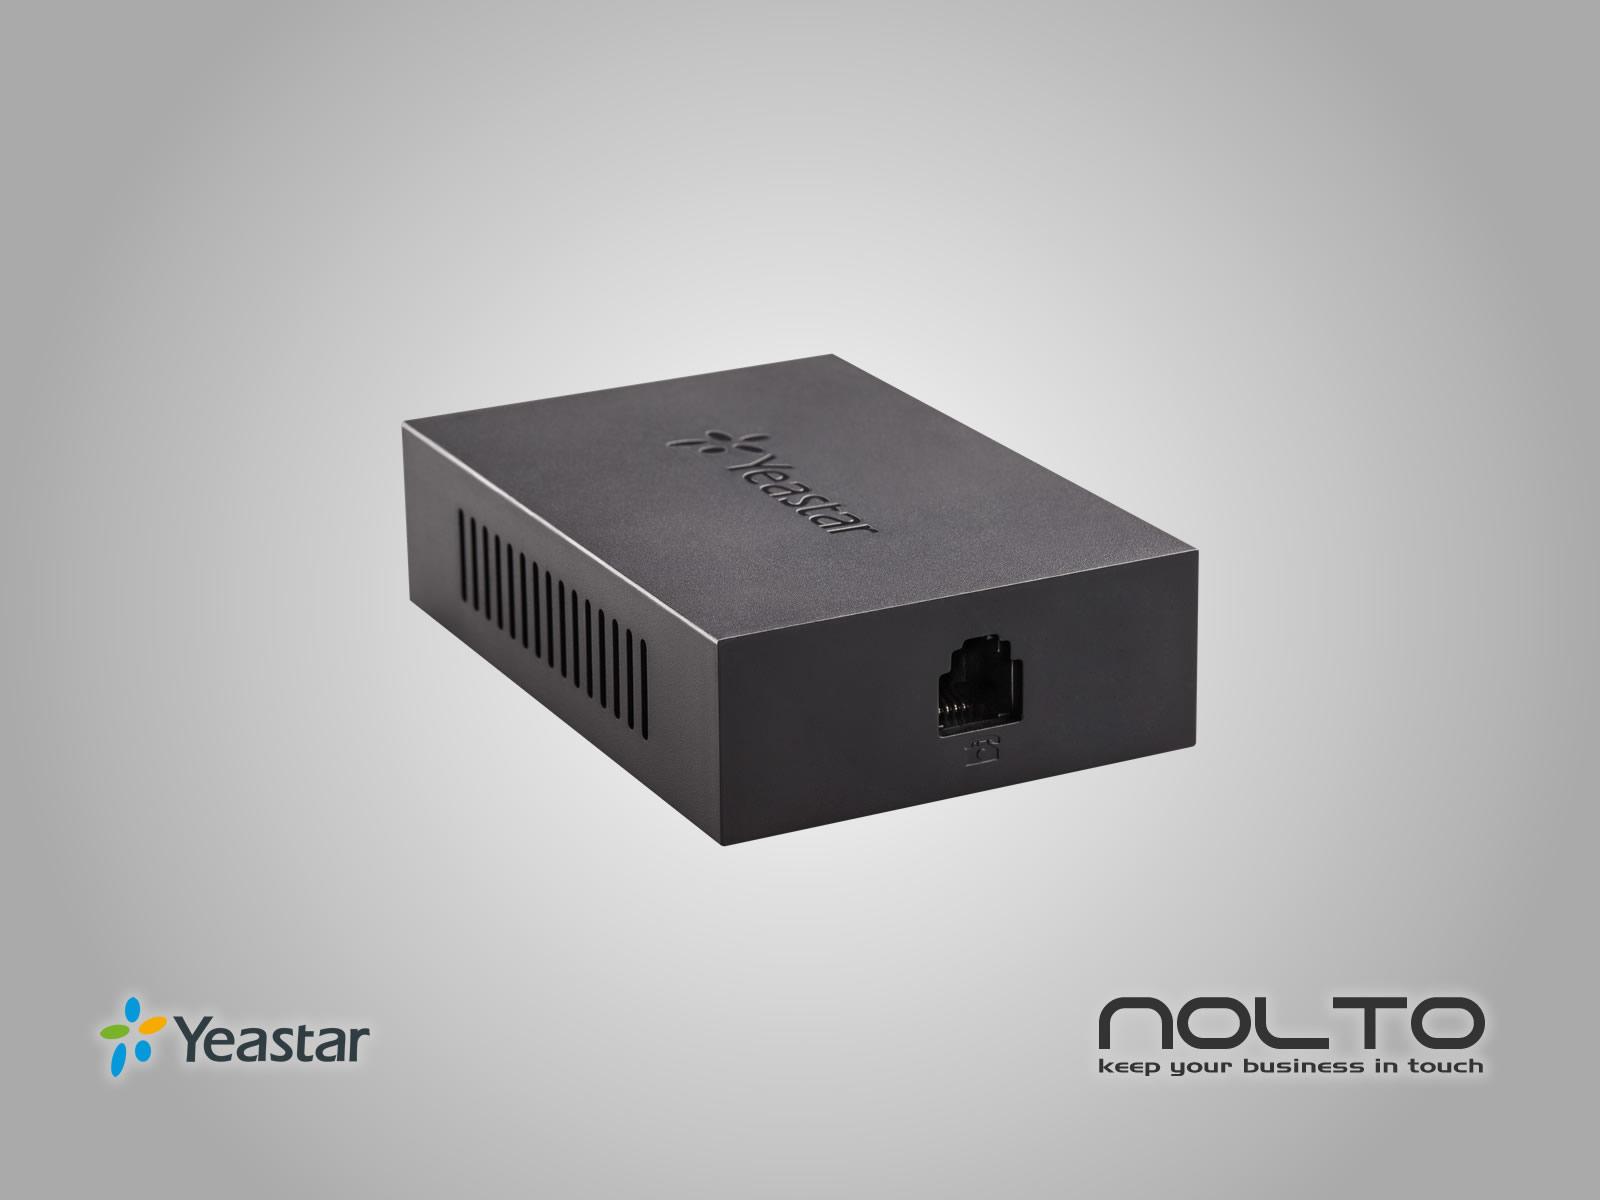 Yeastar TA100 FXS VoIP Gateway